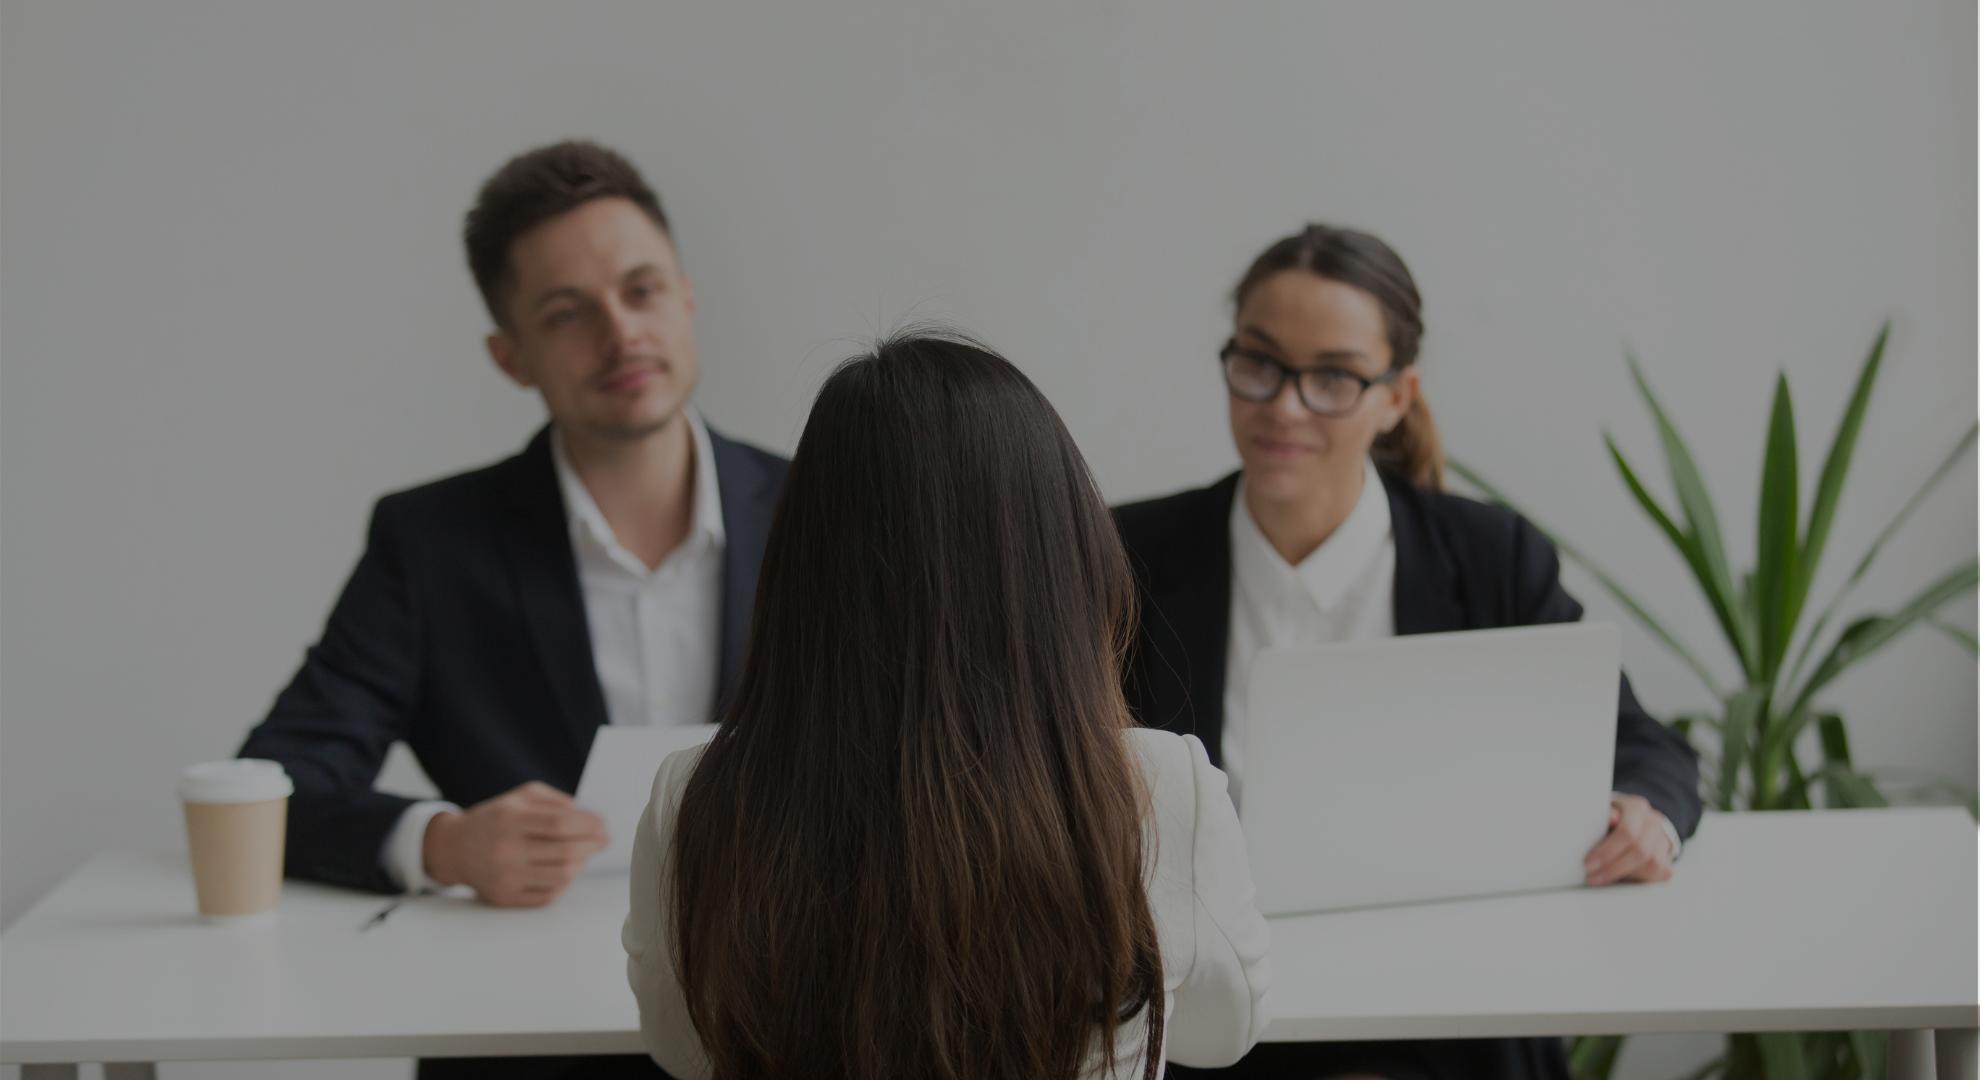 ¿Cómo aplicar storytelling en una entrevista?